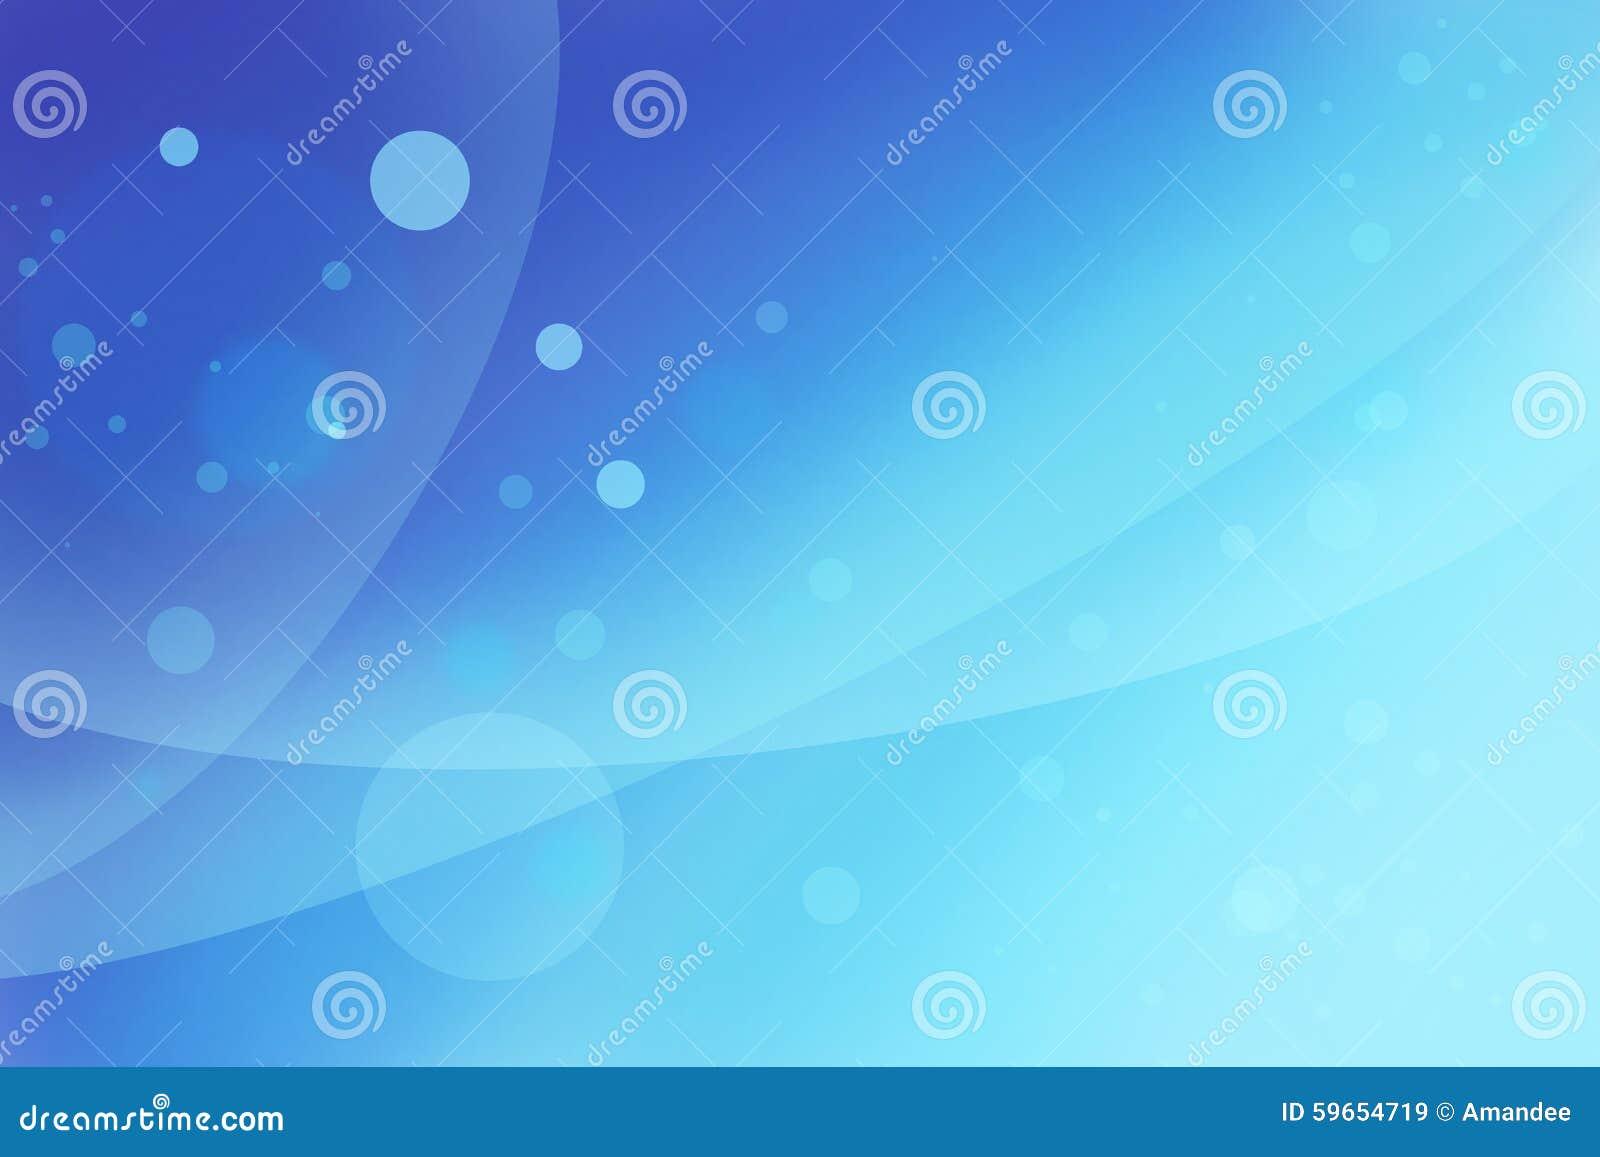 Abstrakt ljus blå bakgrund med vågor och att sväva bubblar eller cirklar